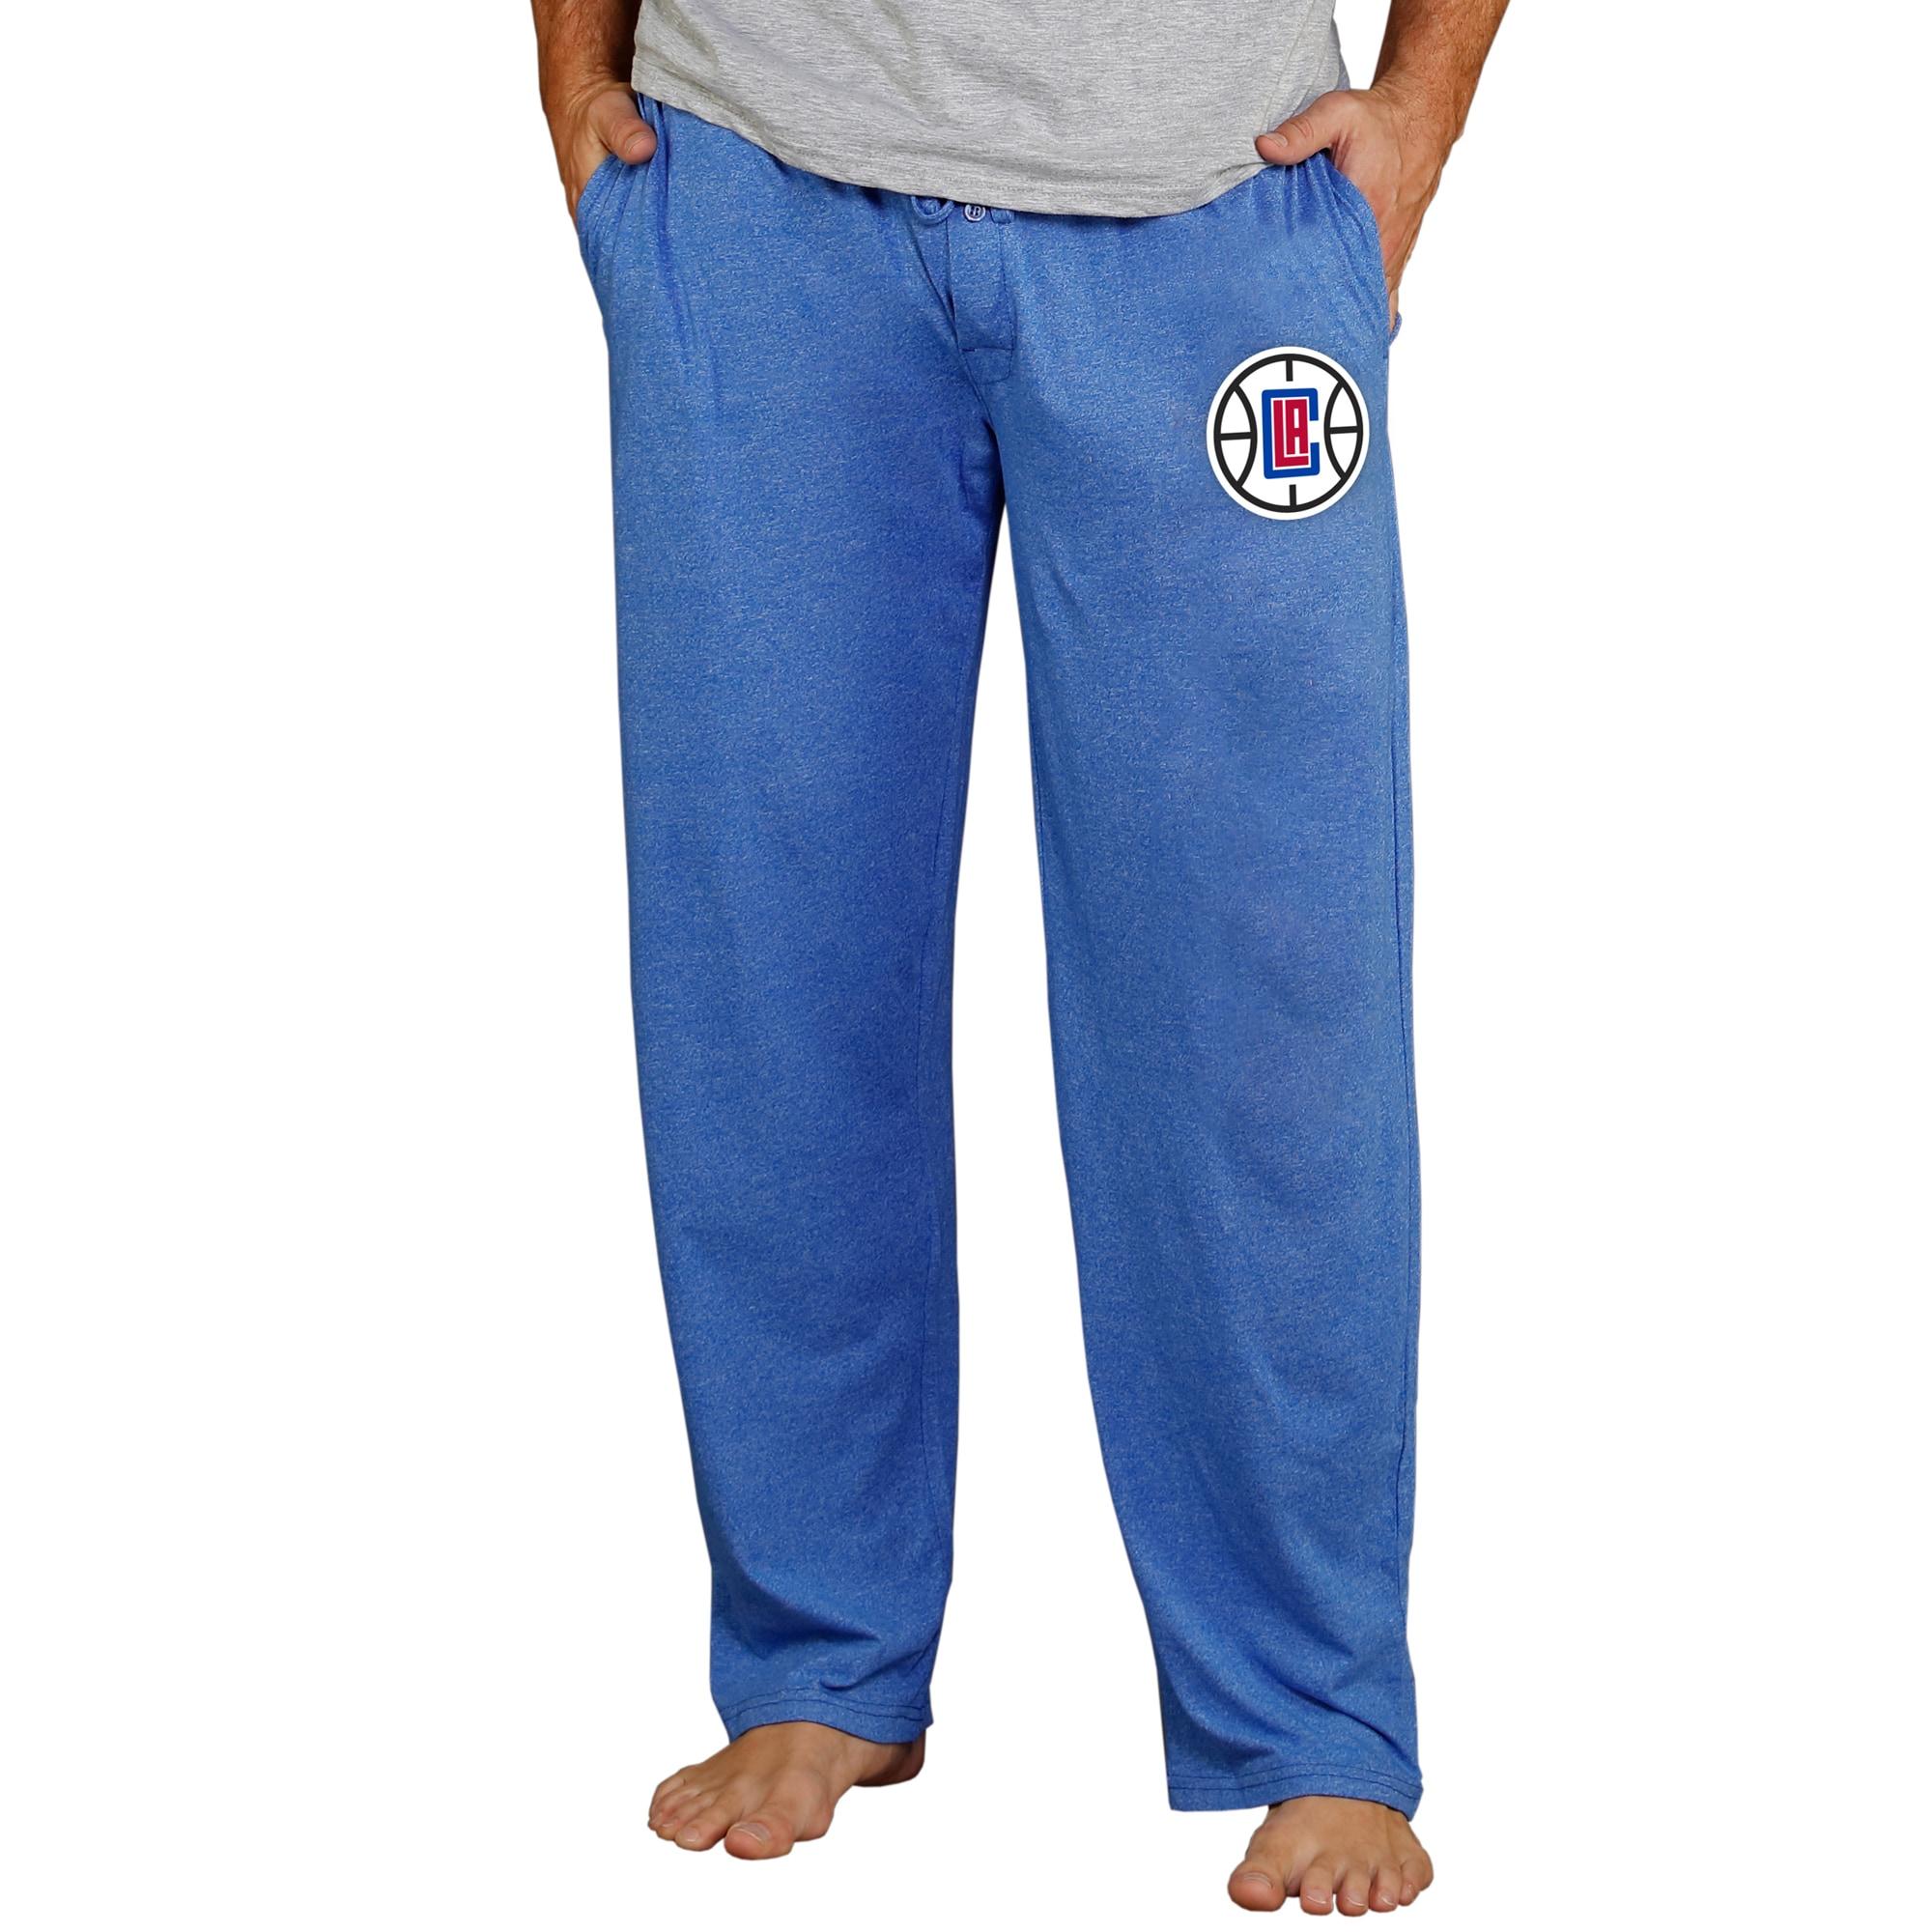 LA Clippers Concepts Sport Quest Knit Pants - Royal